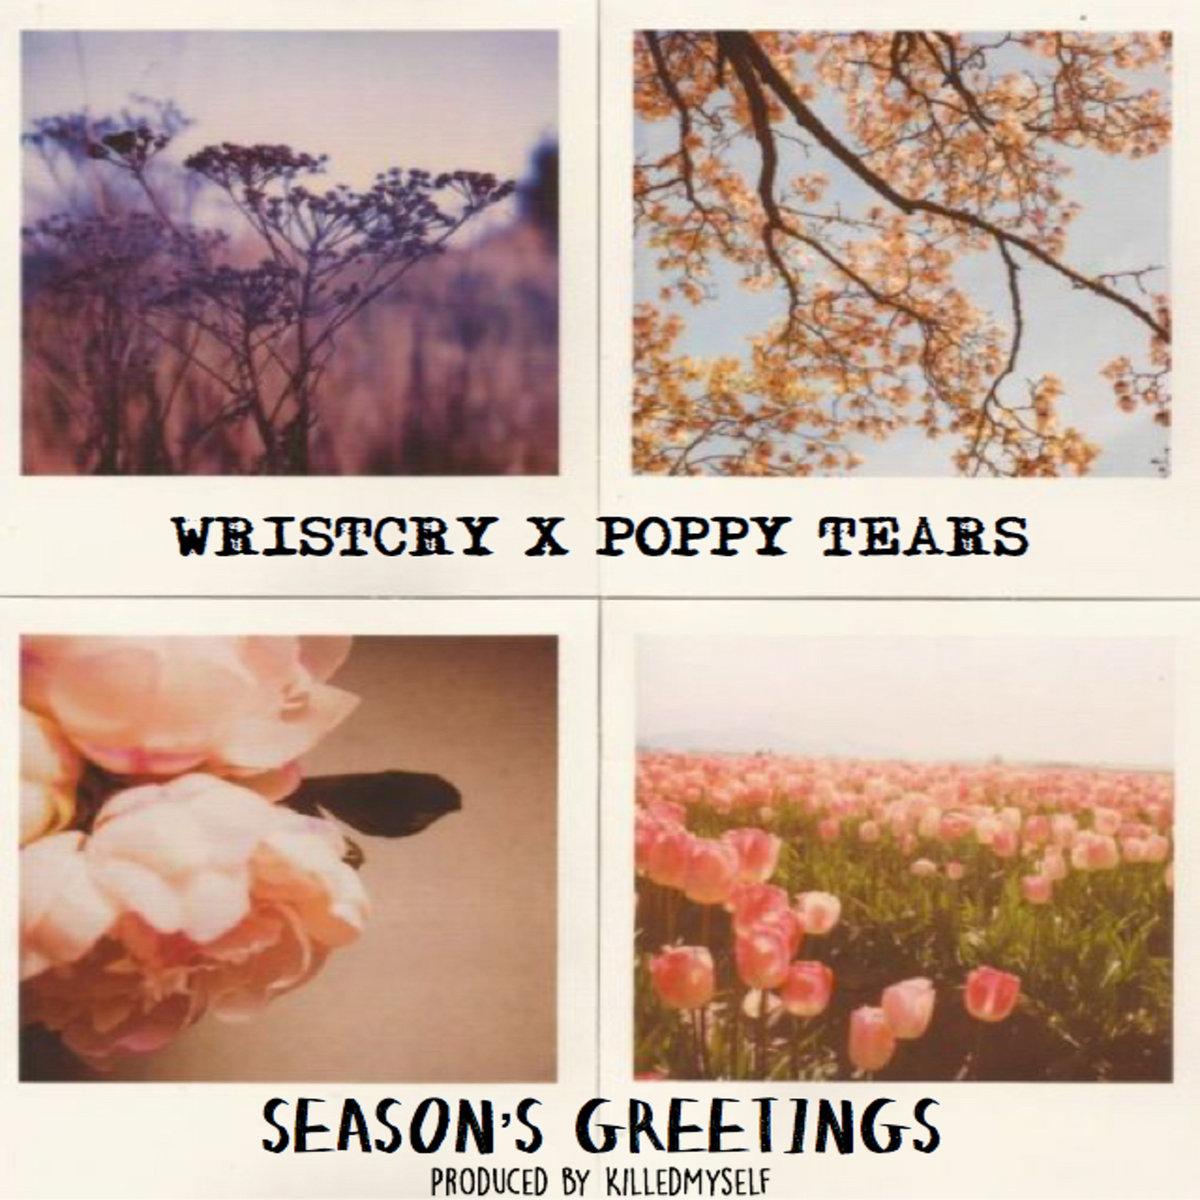 Wristcry X Poppy Tears Seasons Greetingsprodlledmyself Wristcry